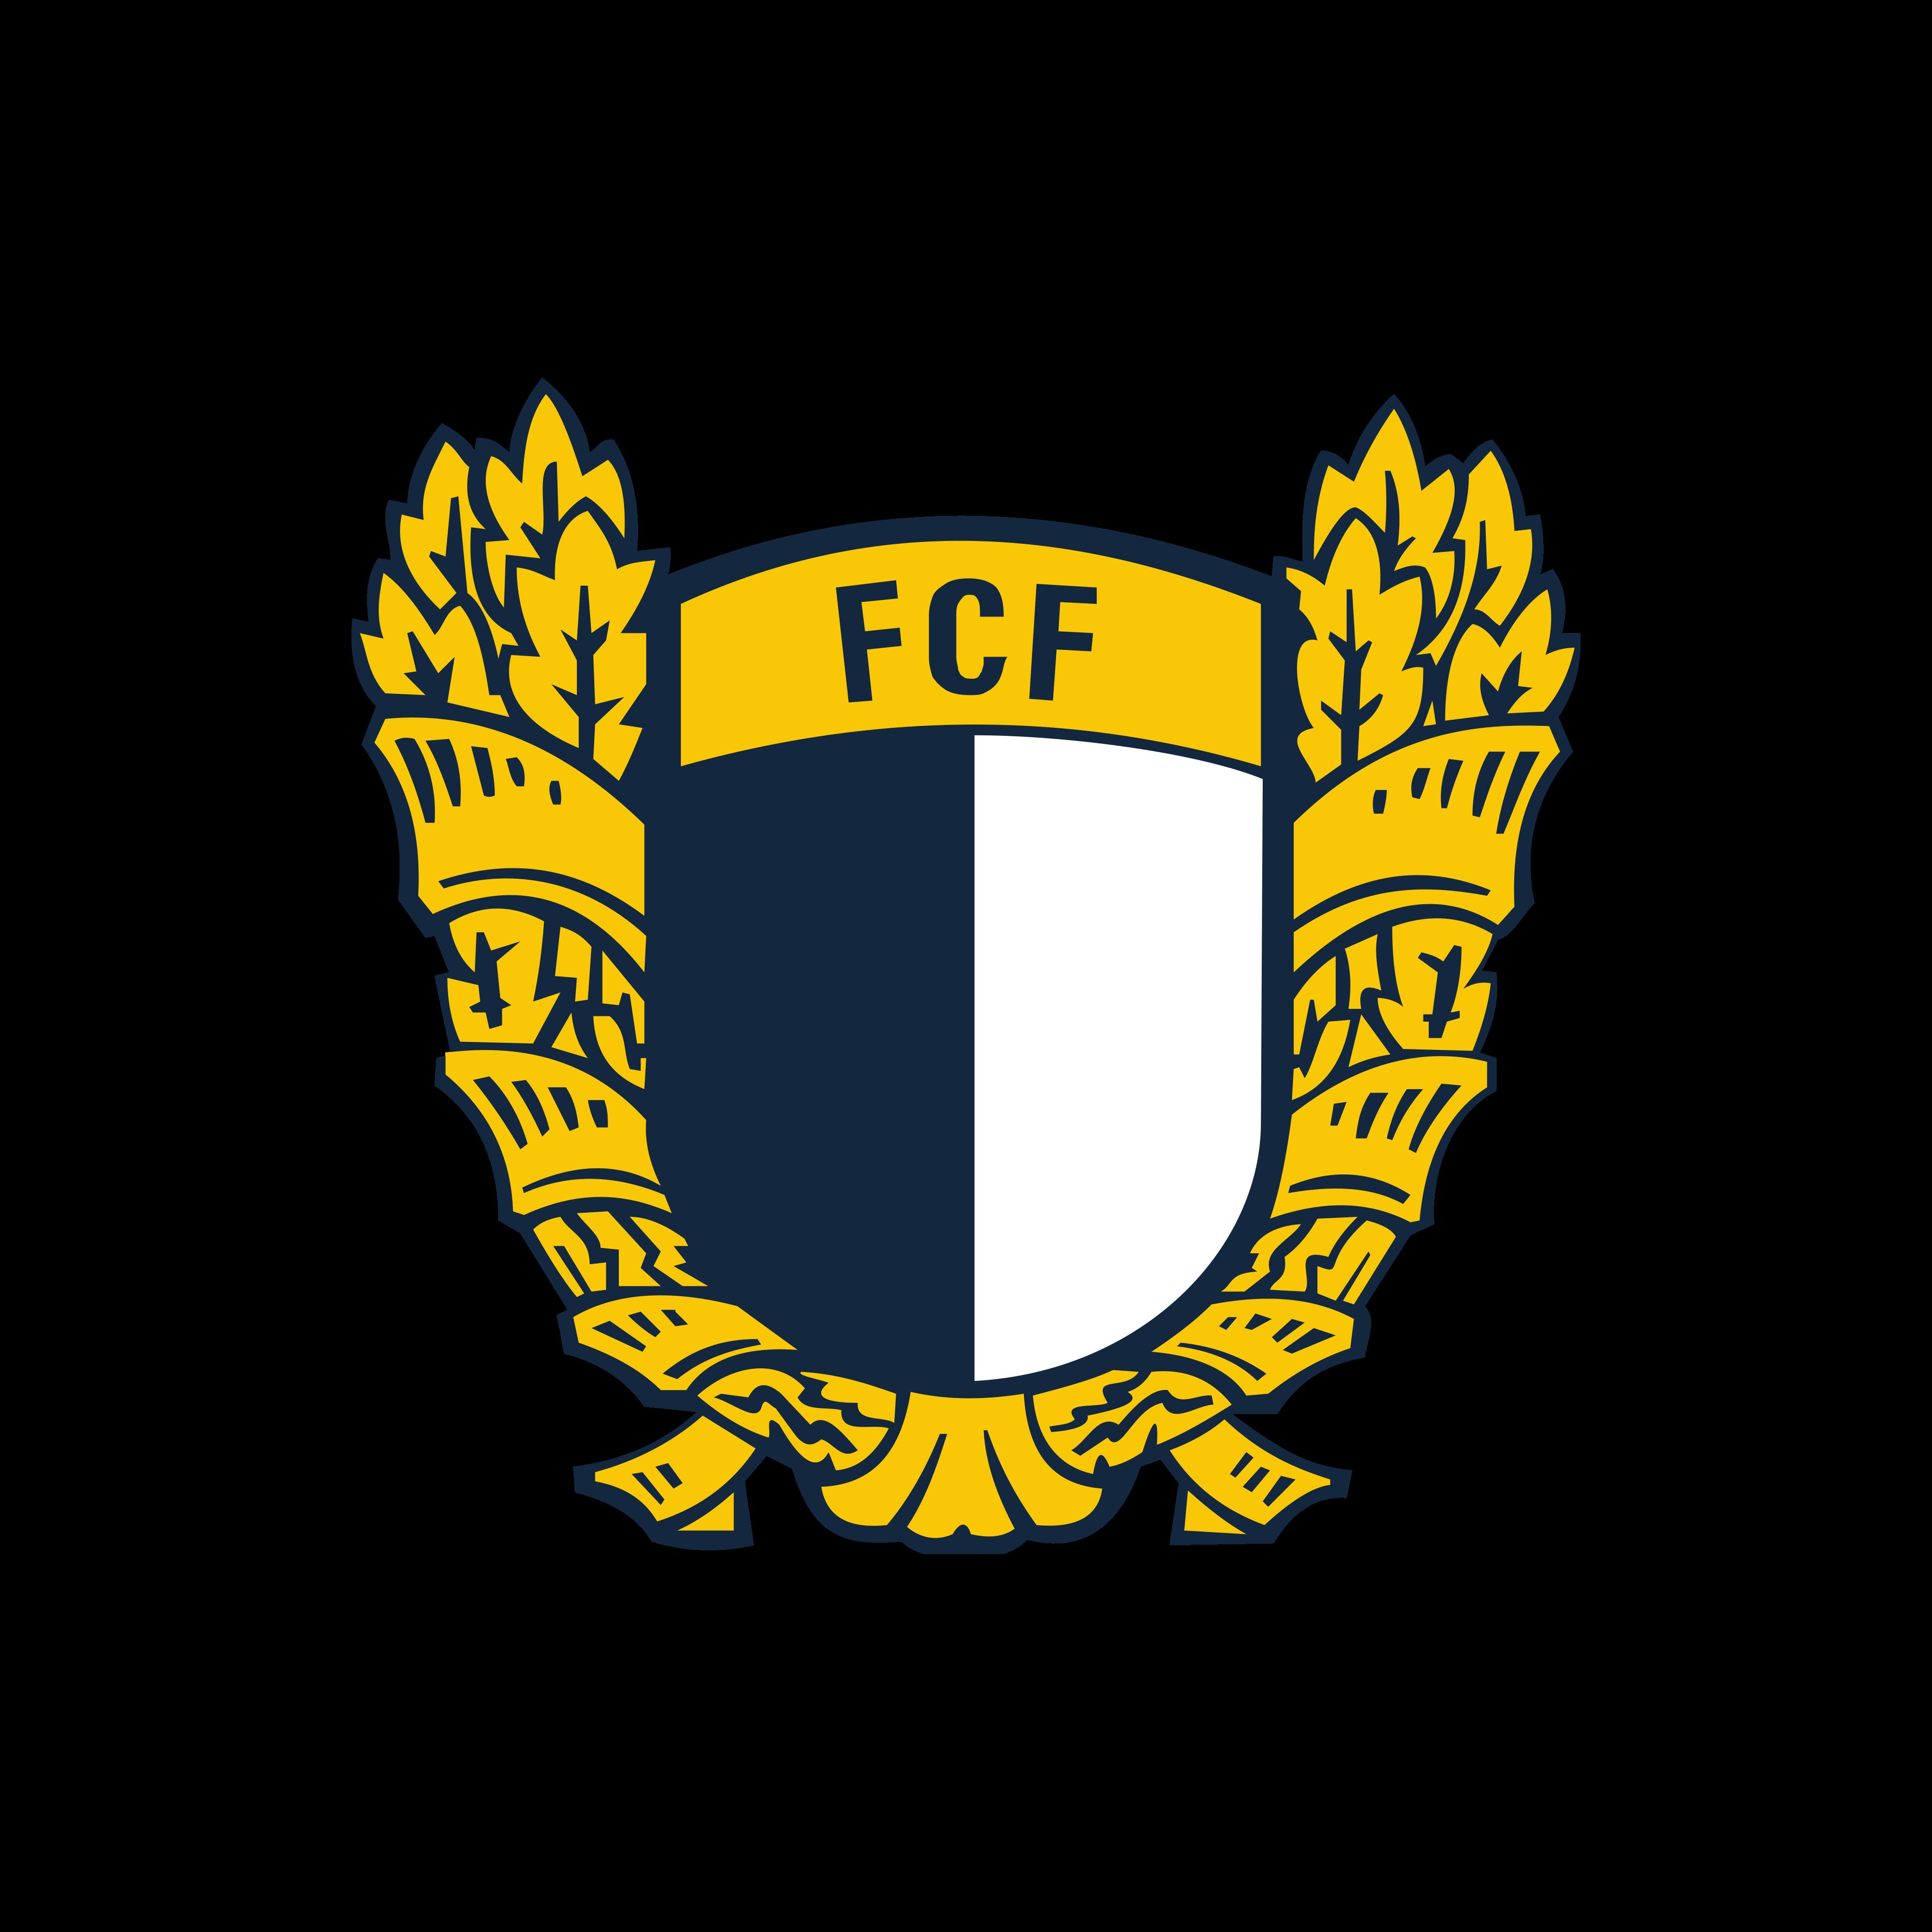 fc famalicao logo 0 - FC Famalicão Logo